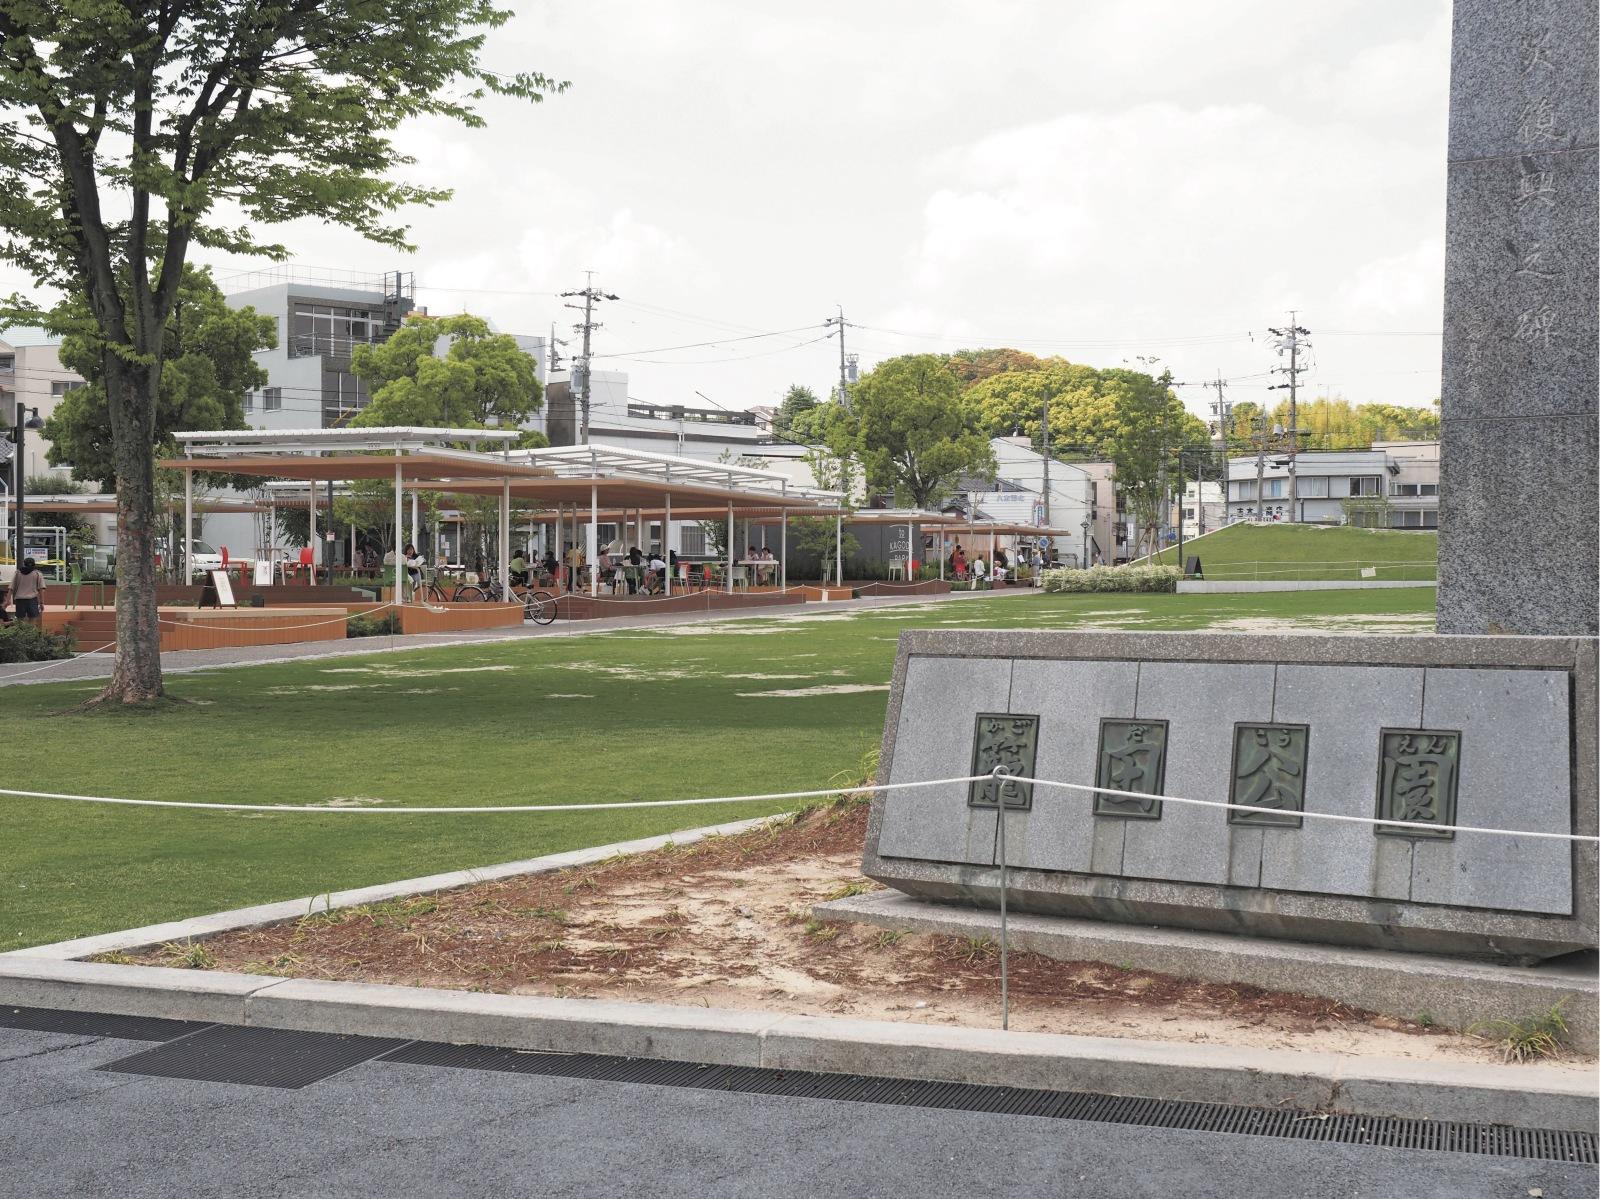 昨年夏にリニューアルオープンした『籠田公園』には多くの人が集まっている。